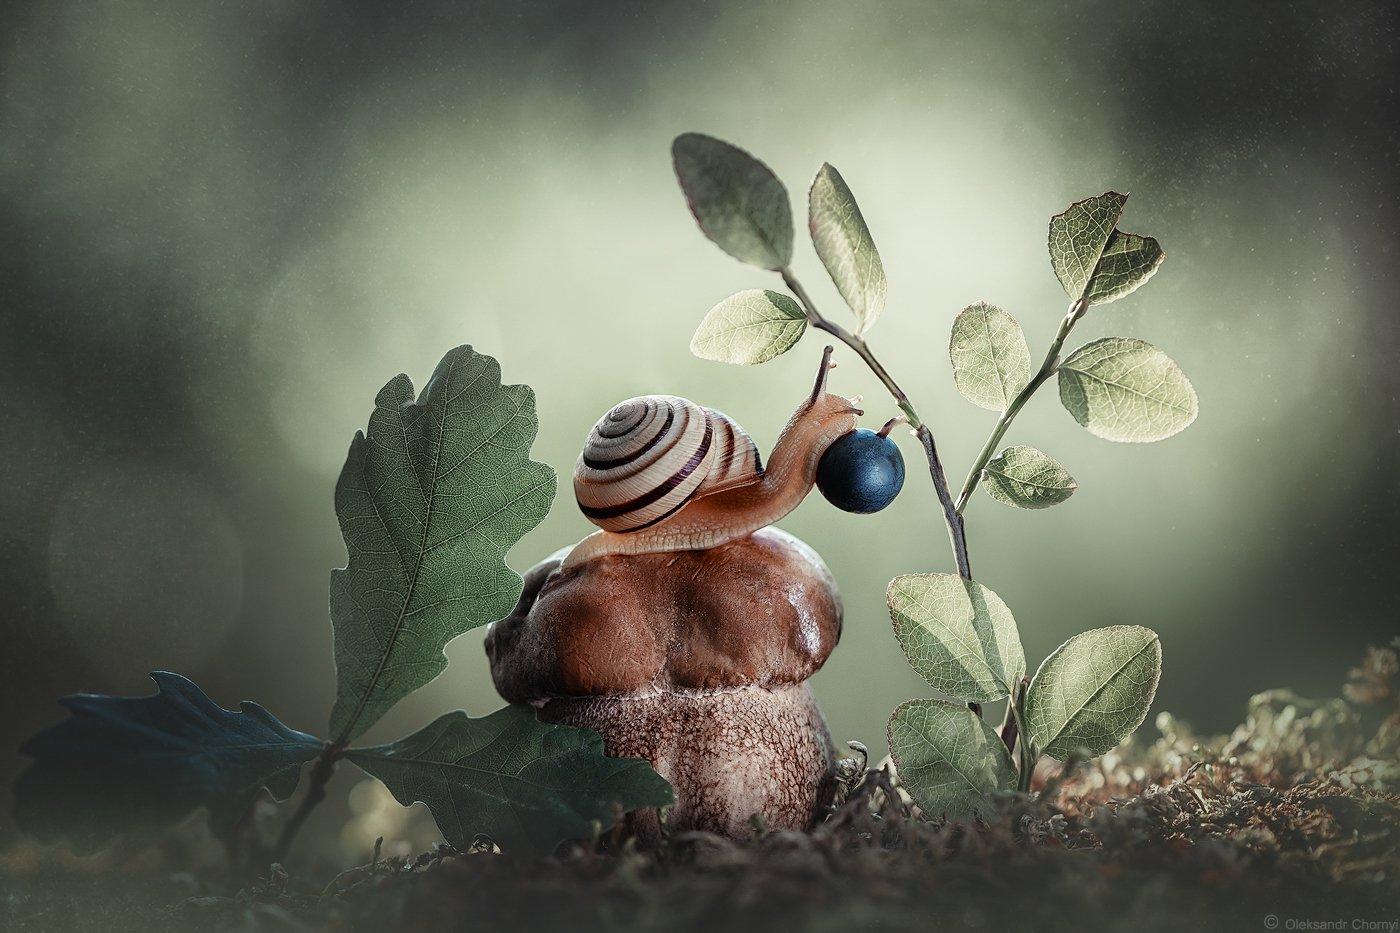 украина, коростышев, лес, лето, сказка, волшебство, гармония, природа, макро, макро мир, черника, ягодка, улитка, грибочек, мох, зеленый фон, боке, фотограф чорный,, Чорный Александр